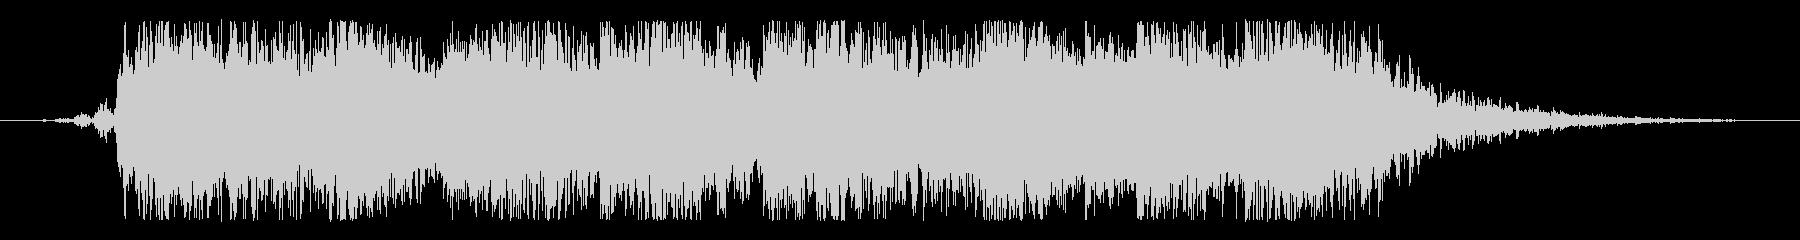 エキサイティングなサウンドロゴの未再生の波形